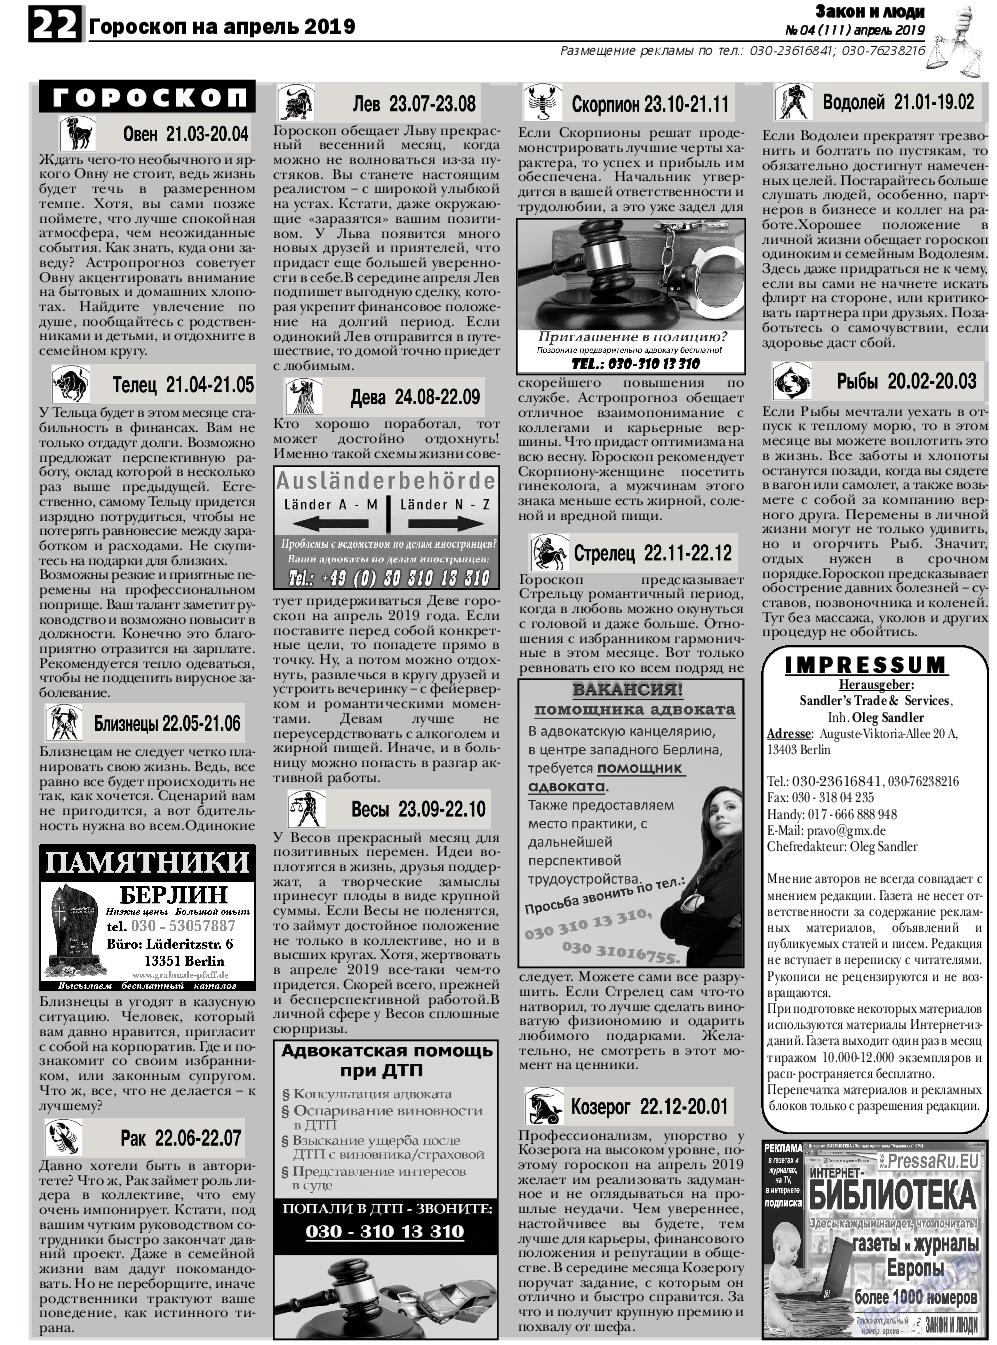 Закон и люди (газета). 2019 год, номер 4, стр. 22